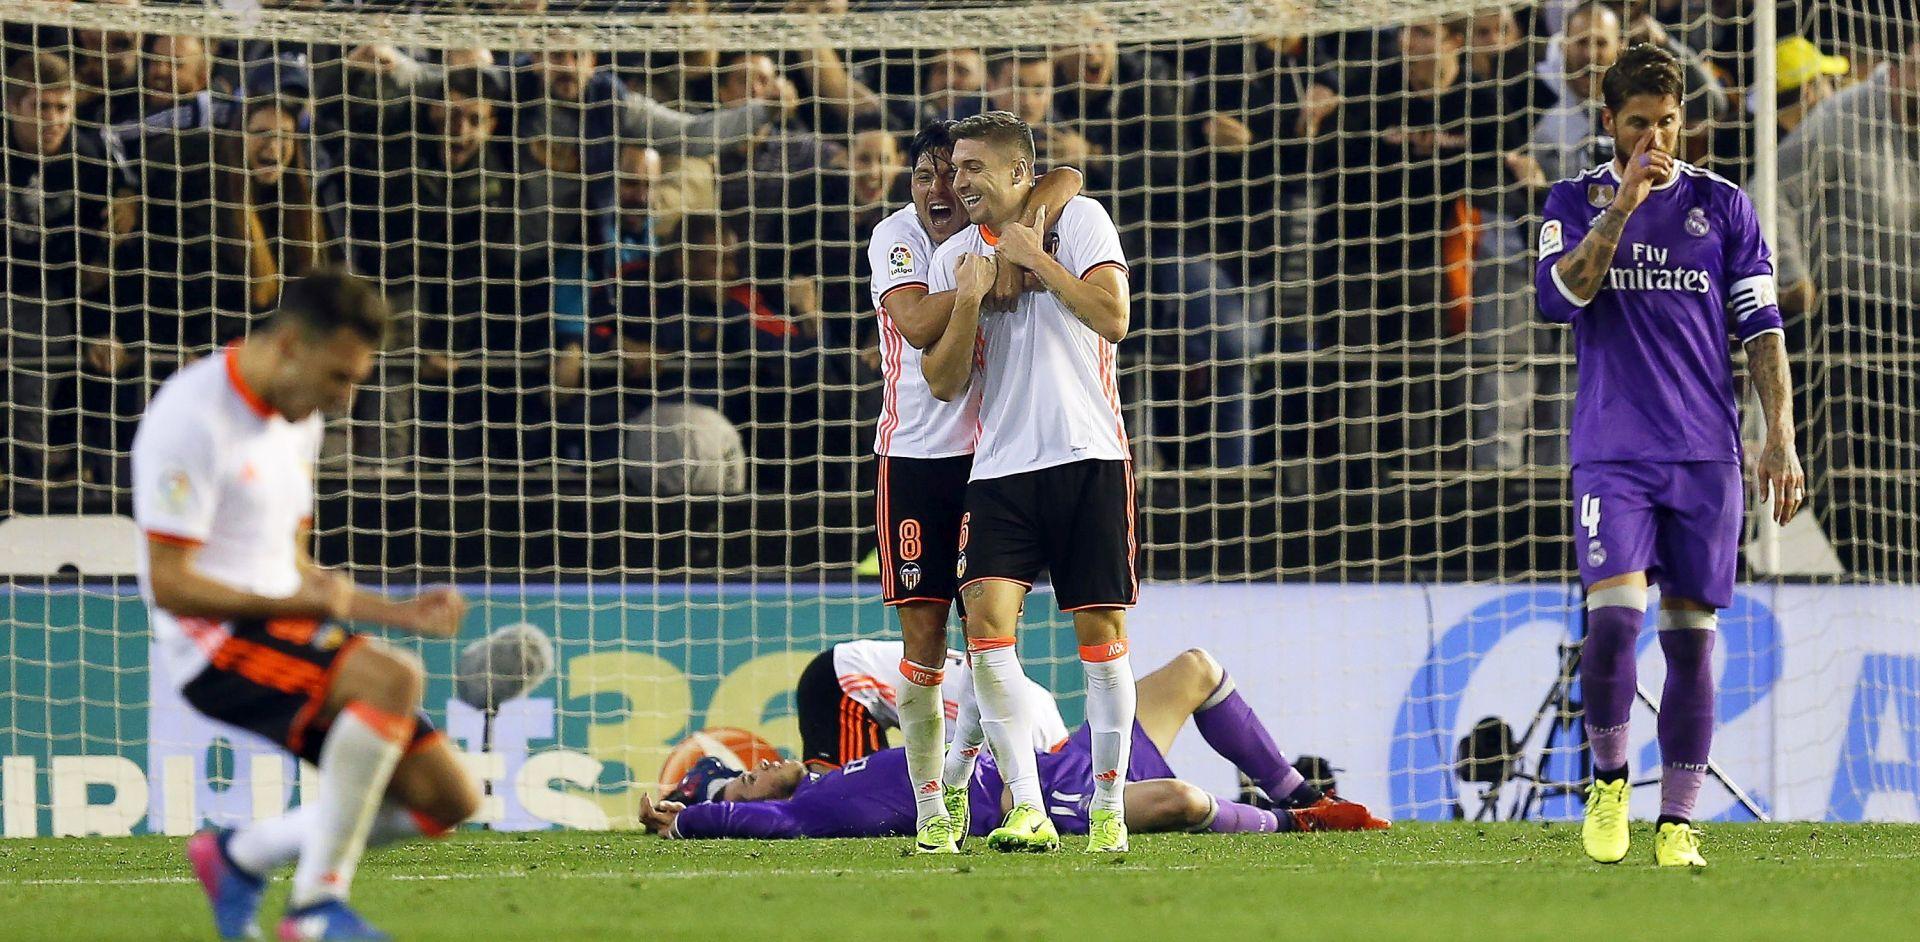 PRIMERA Nakon slavlja nad Realom, Valencia poražena kod Alavesa